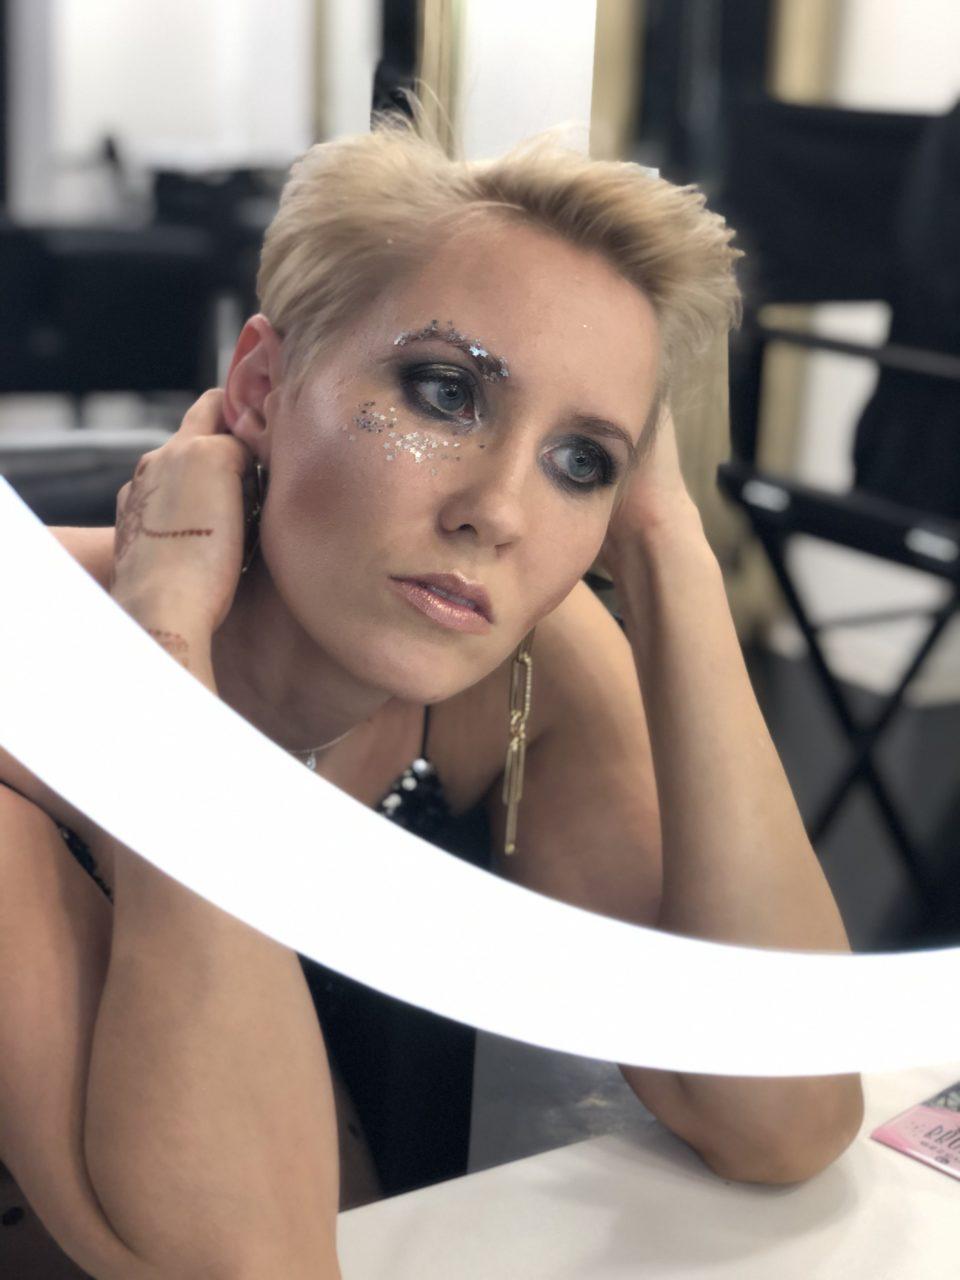 Новогодний мейкап и стрижка 2020 в салоне красоты Персона в Мытищах